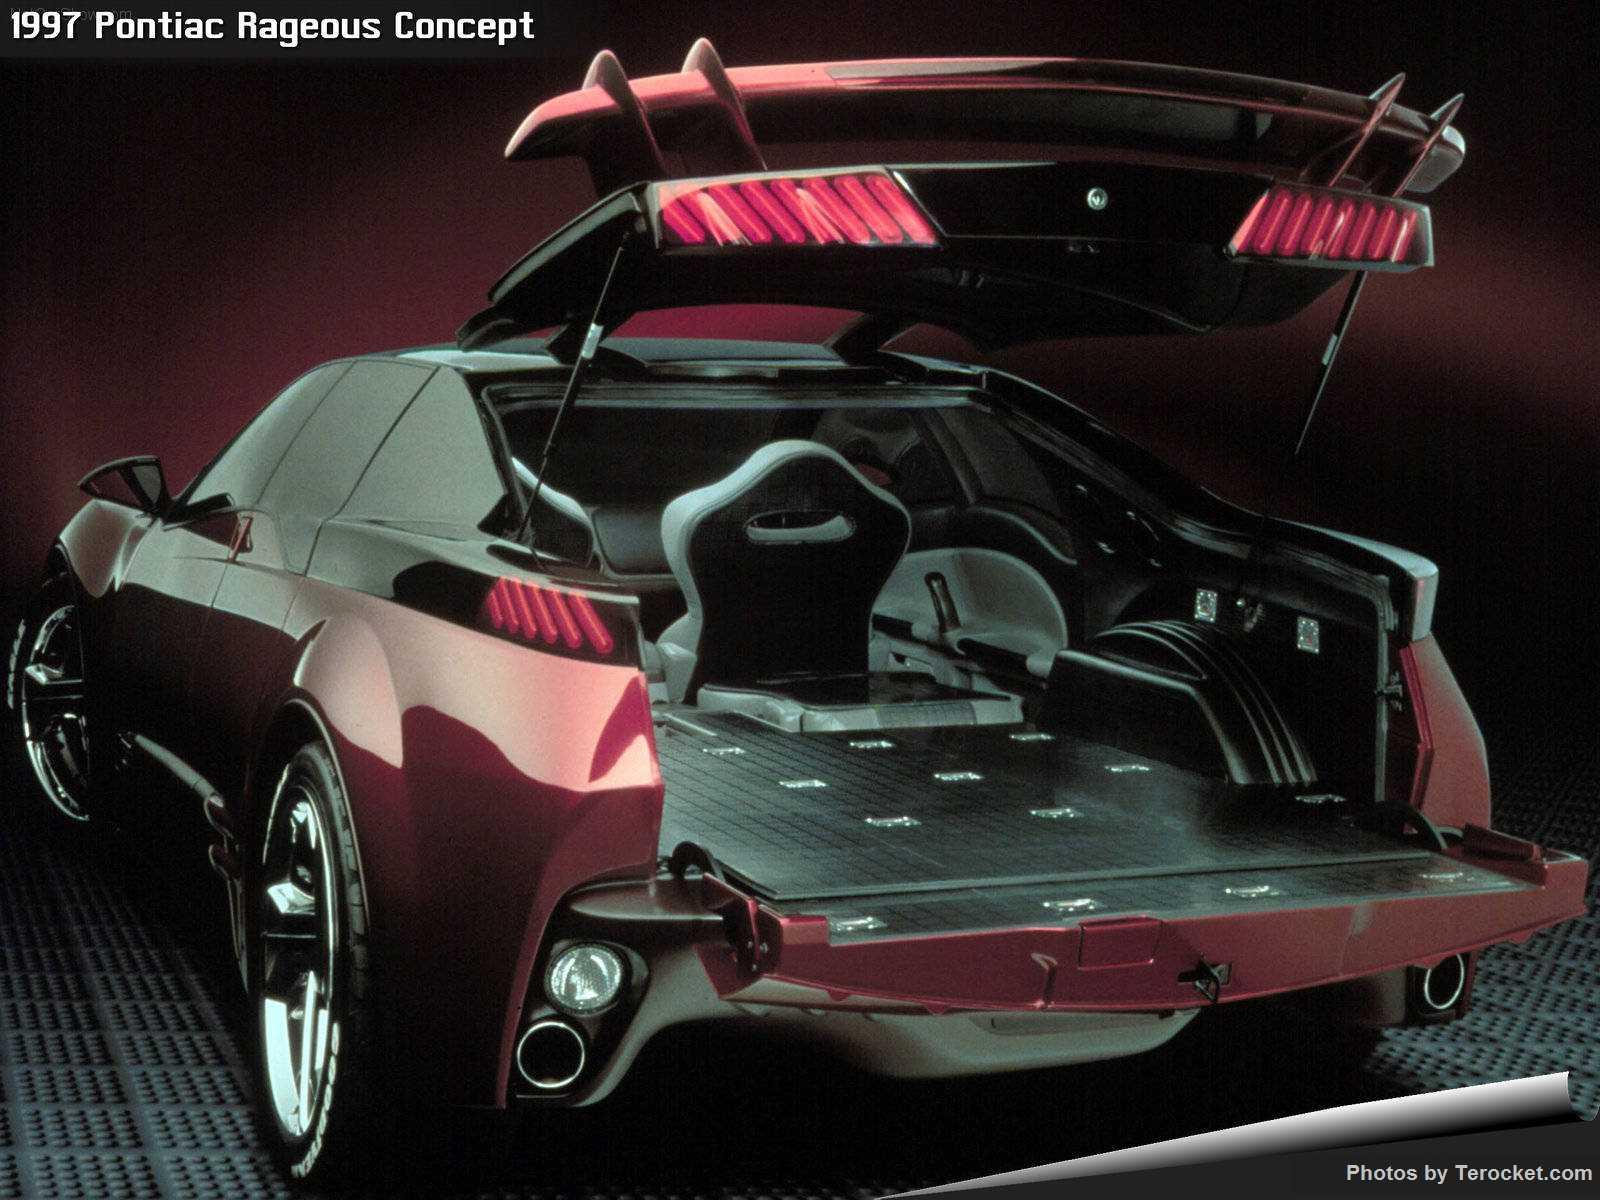 Hình ảnh xe ô tô Pontiac Rageous Concept 1997 & nội ngoại thất